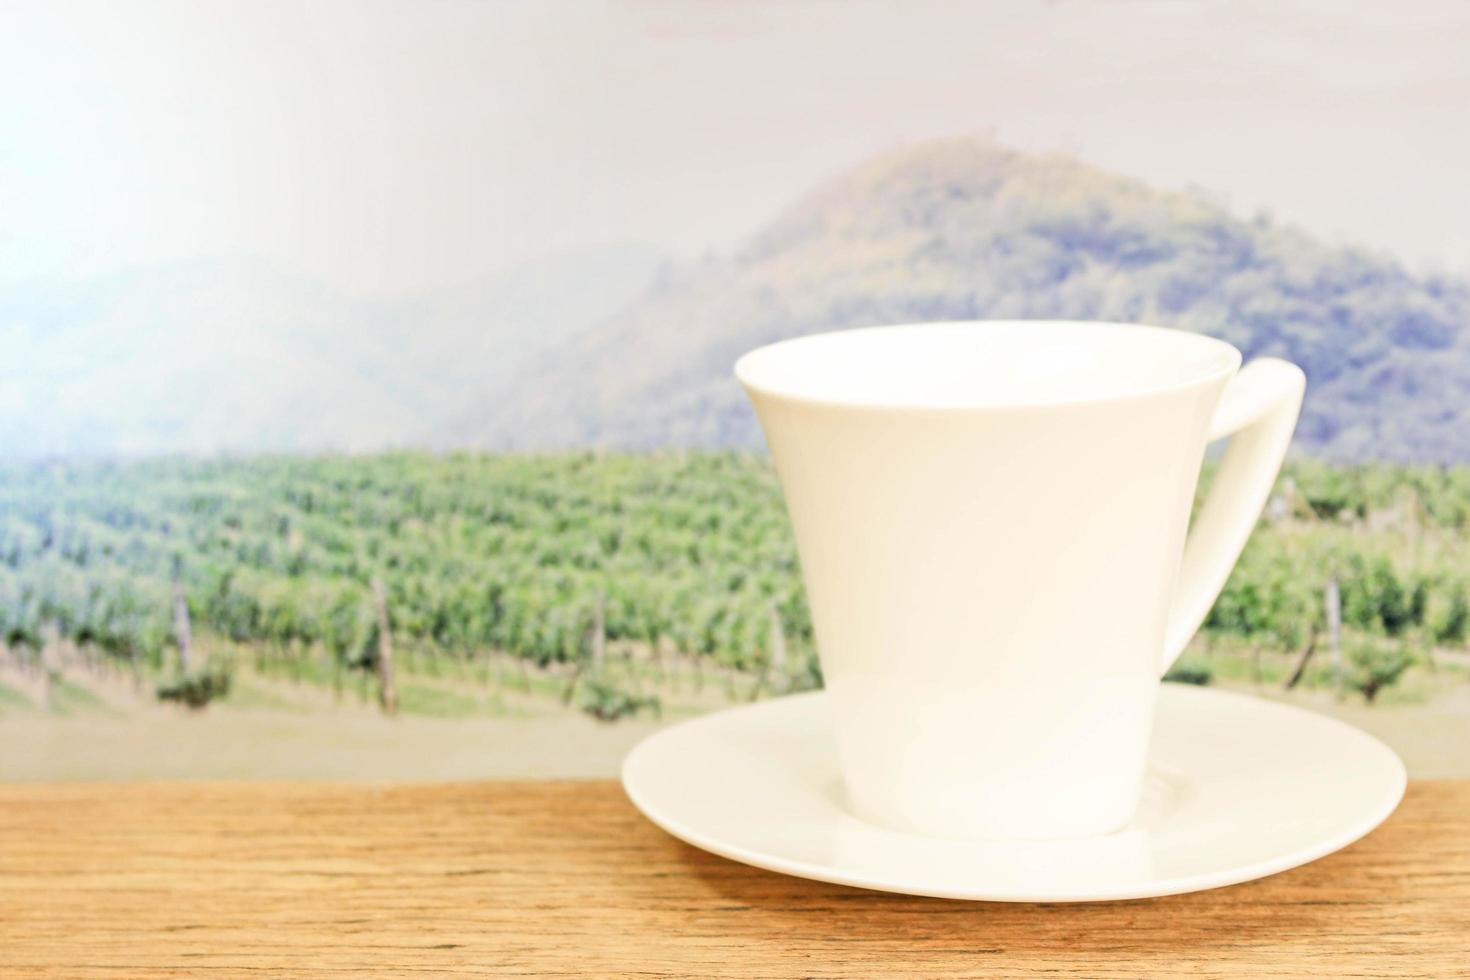 tasse blanche sur table photo